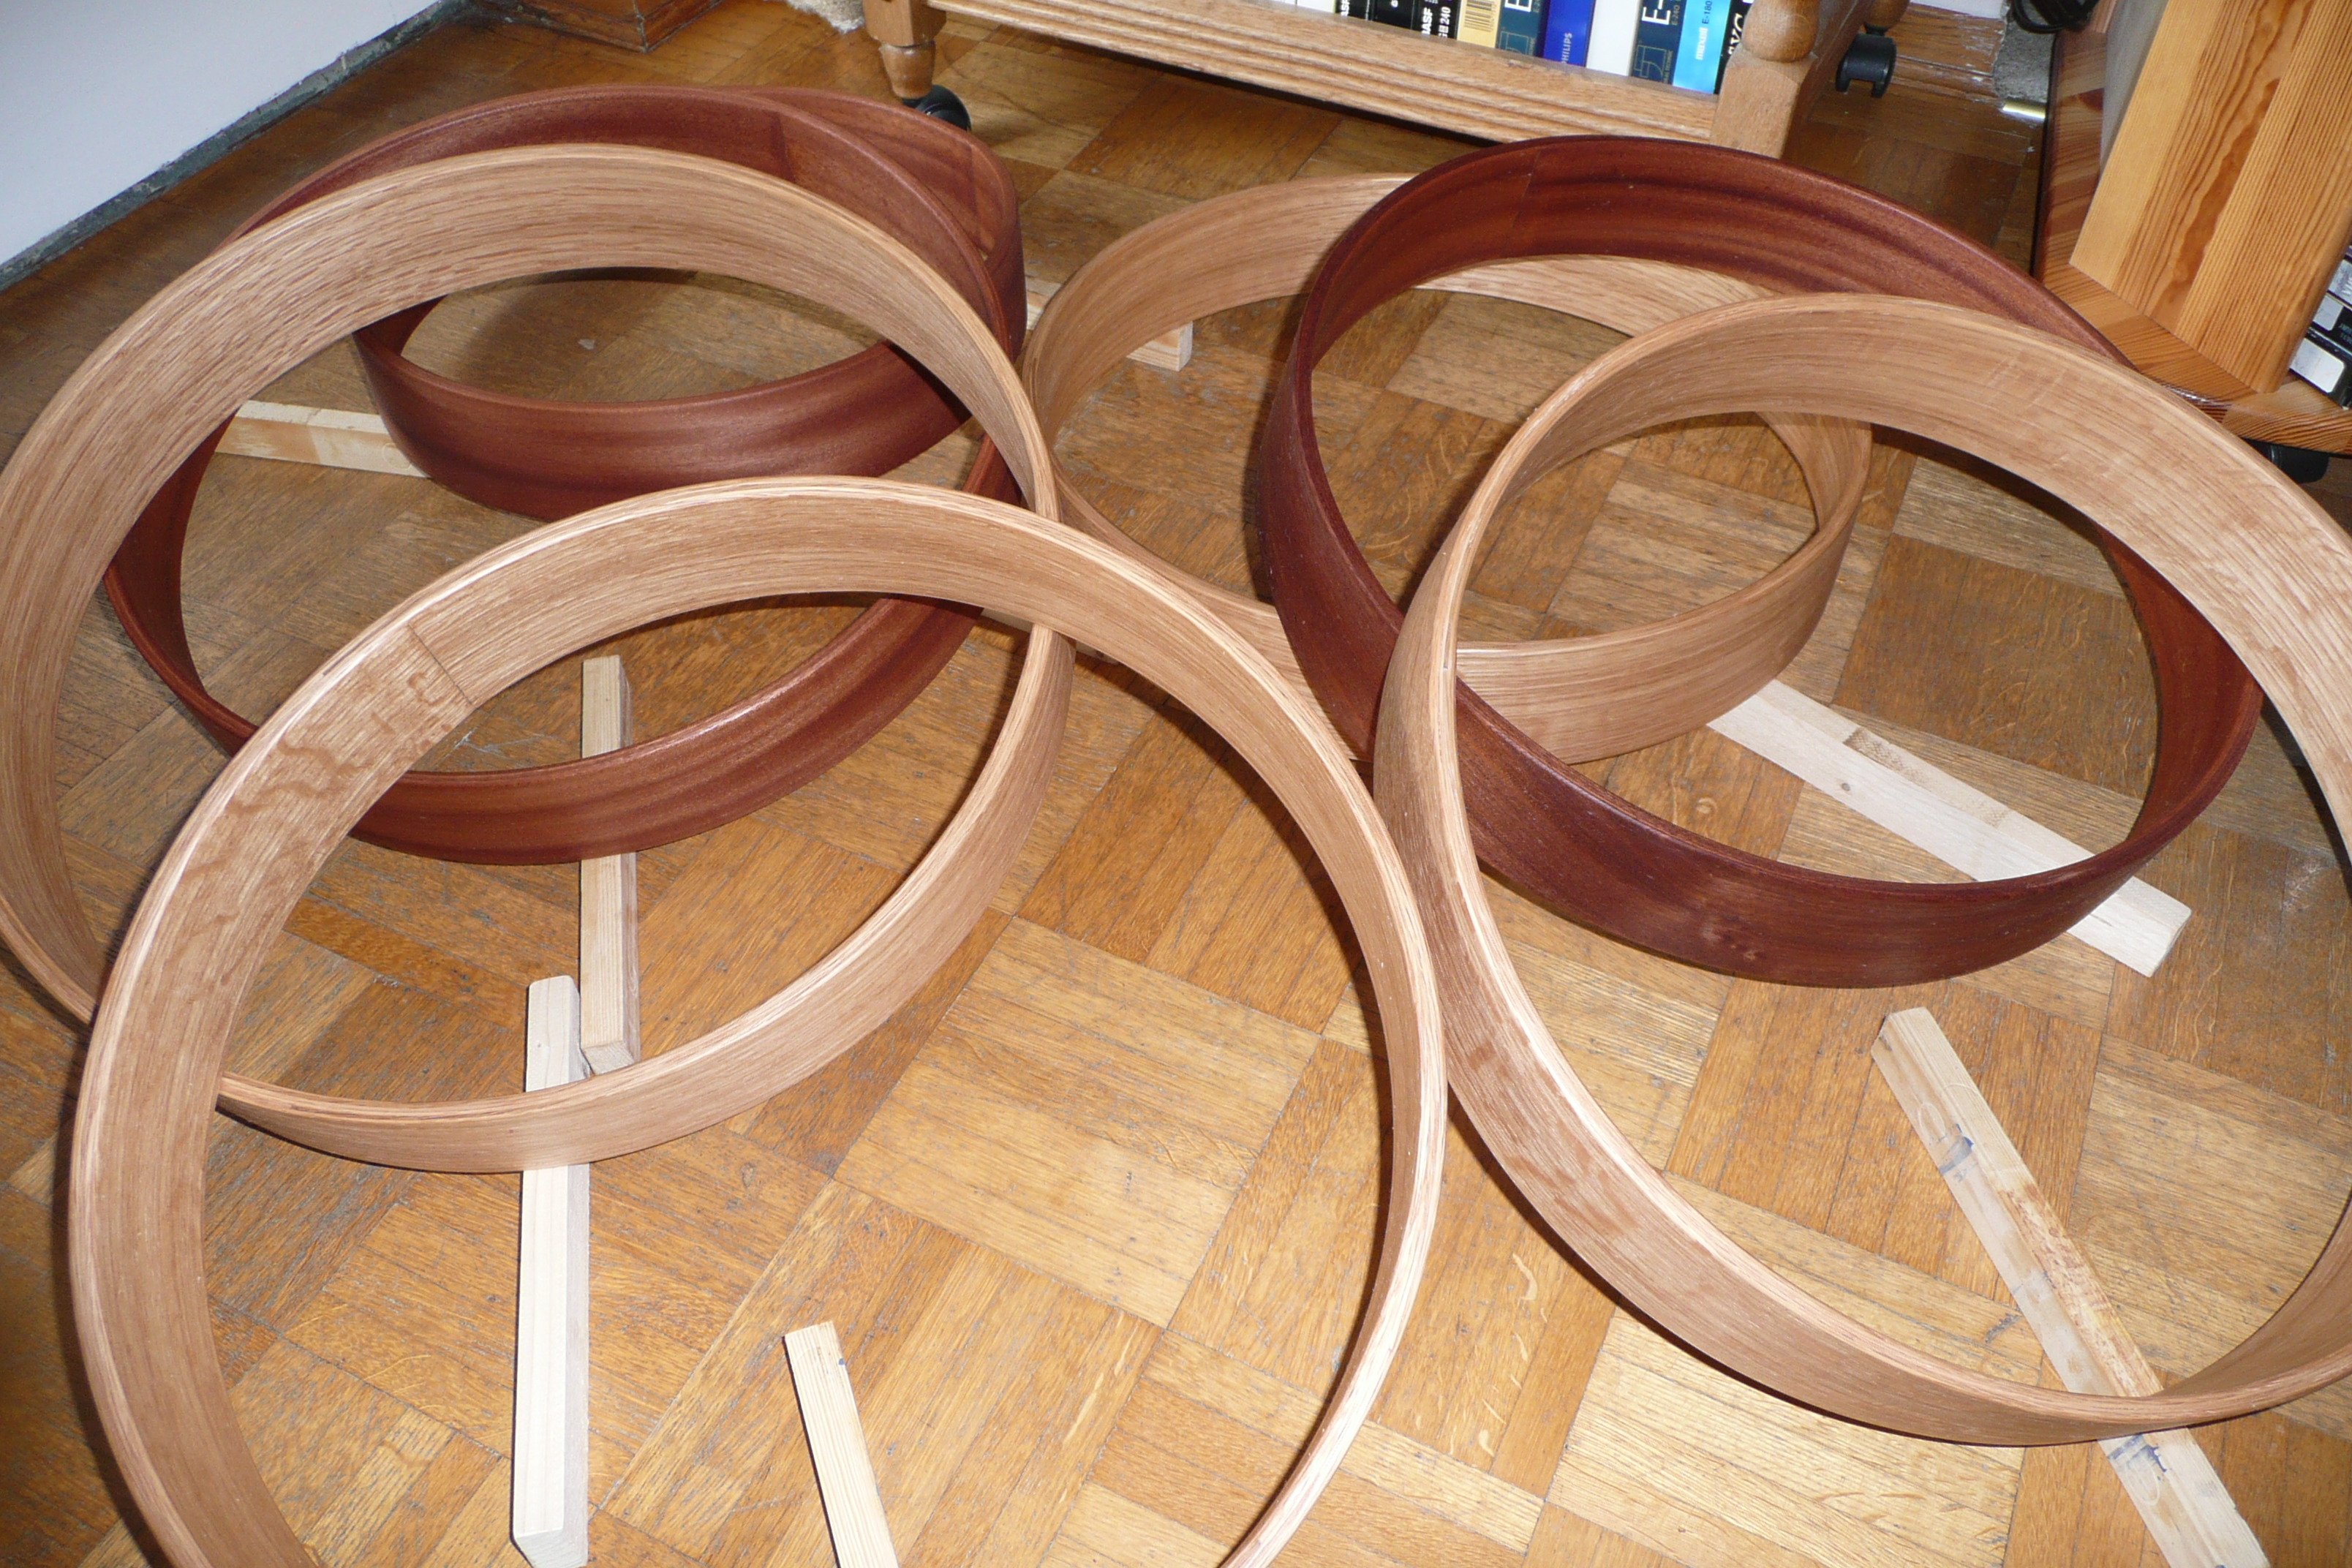 trommelbau-seminare - herzschlag trommeln sabine weyhe